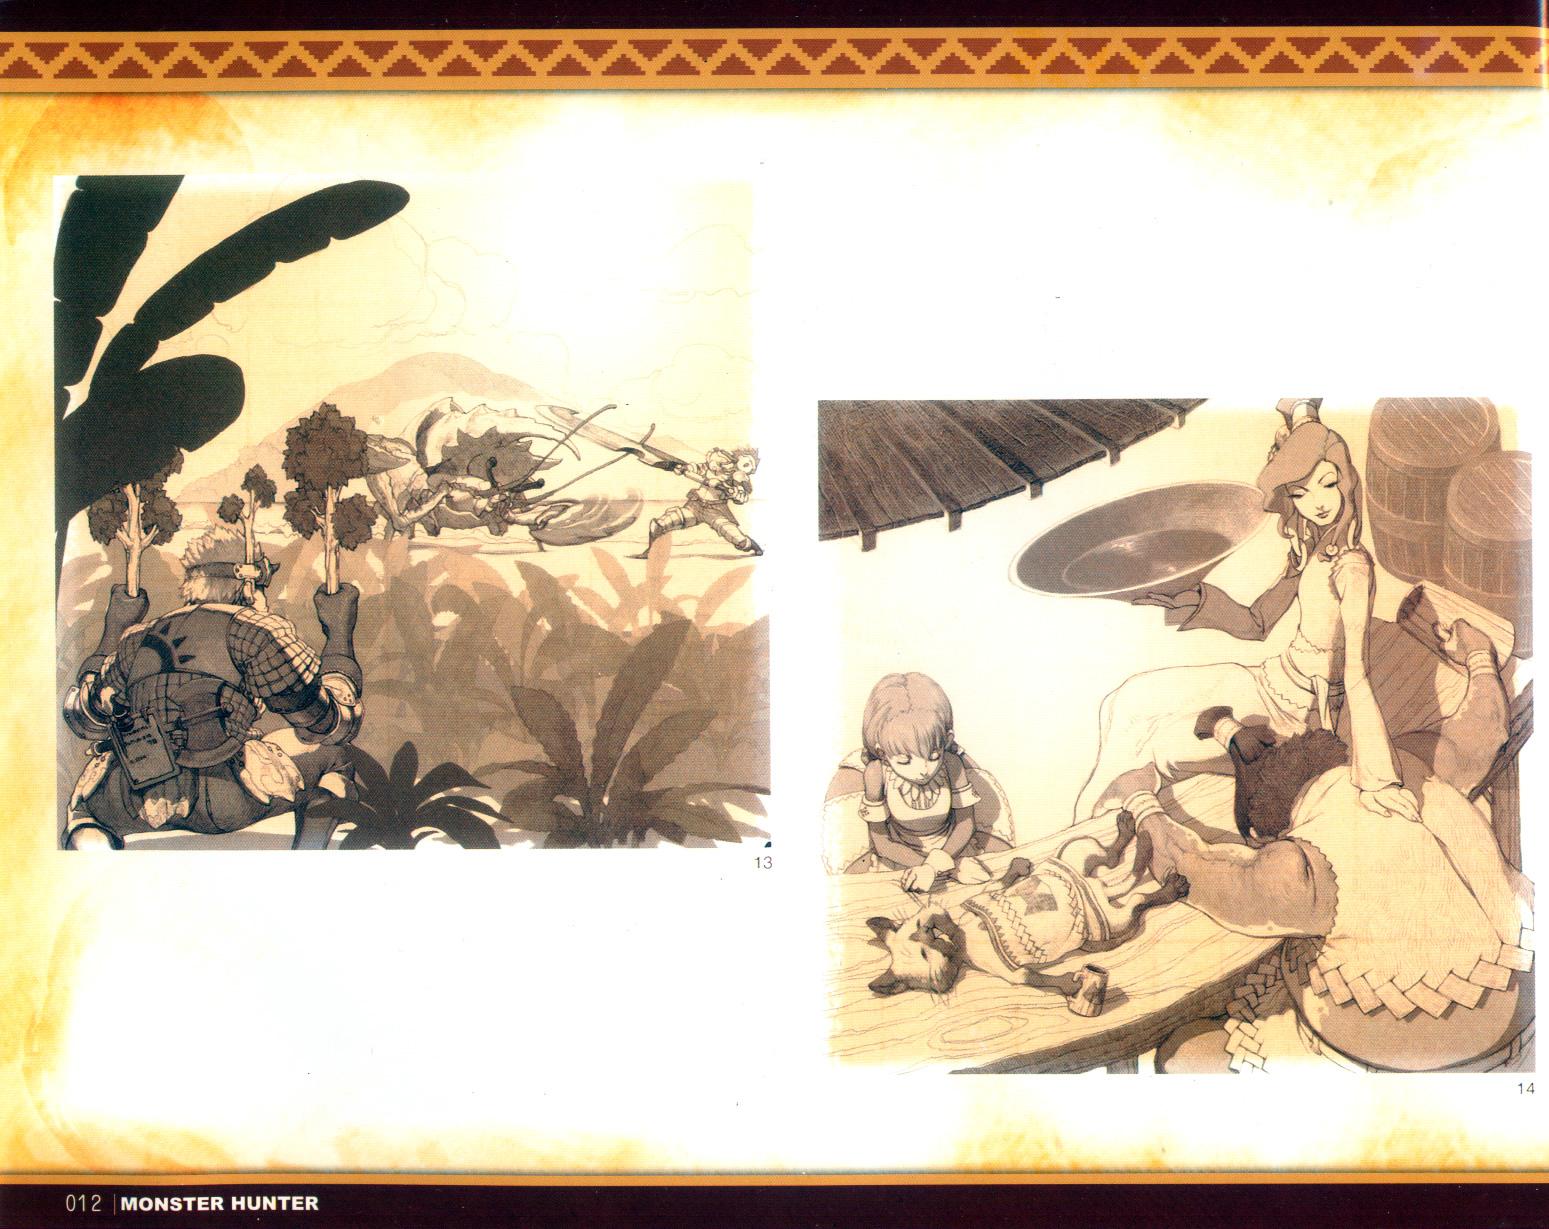 012_关注-游艺网GAME798海量资源下载怪物猎人终极画集.jpg